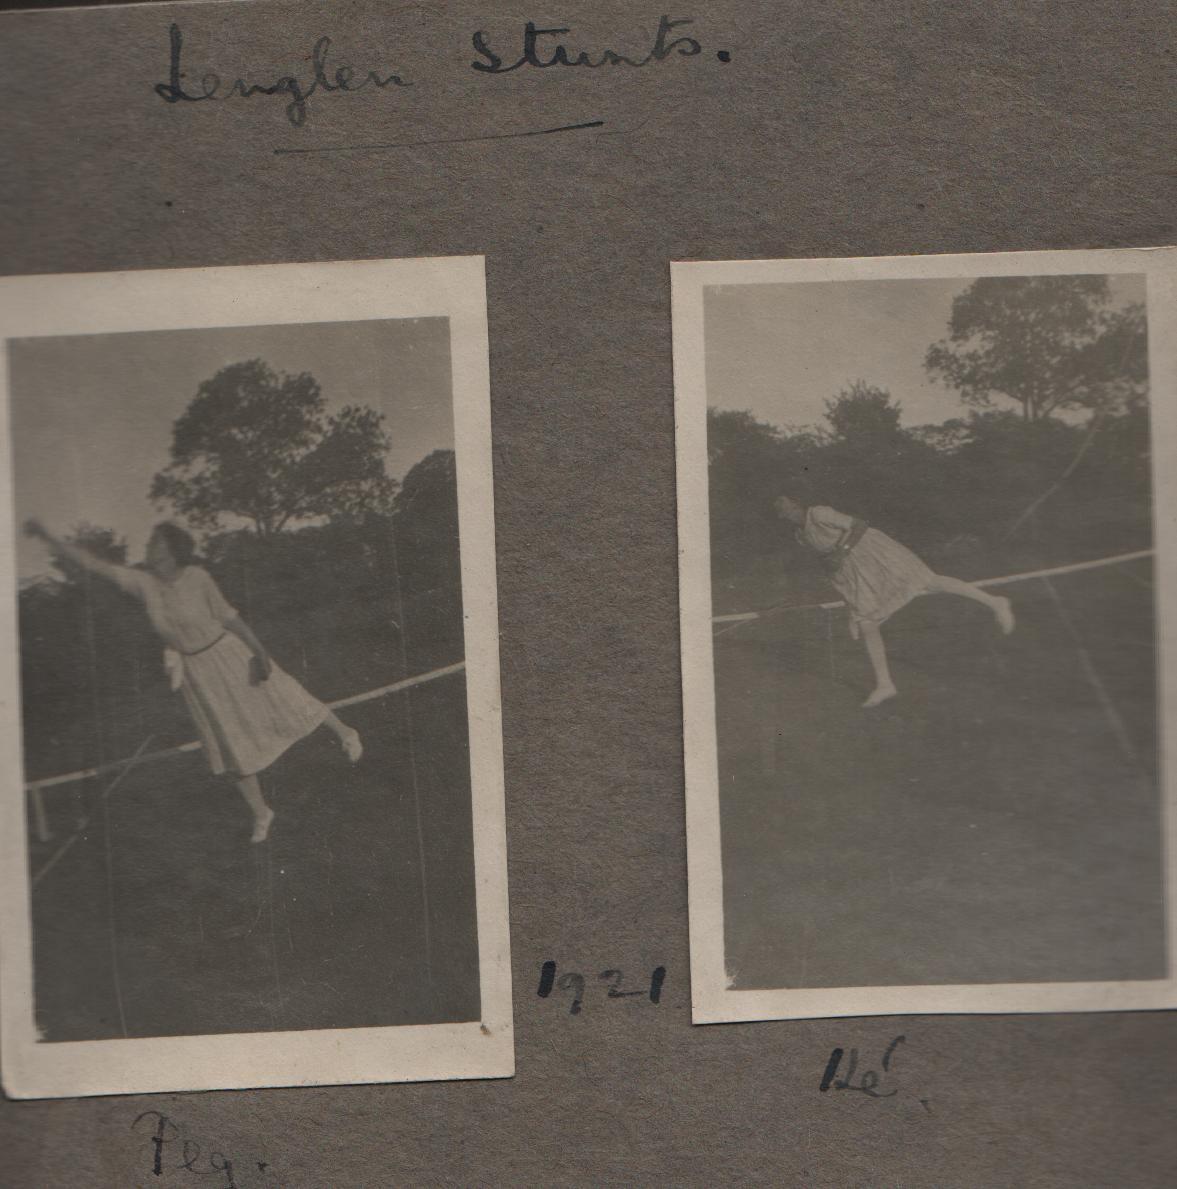 1921: Peg, Ke]